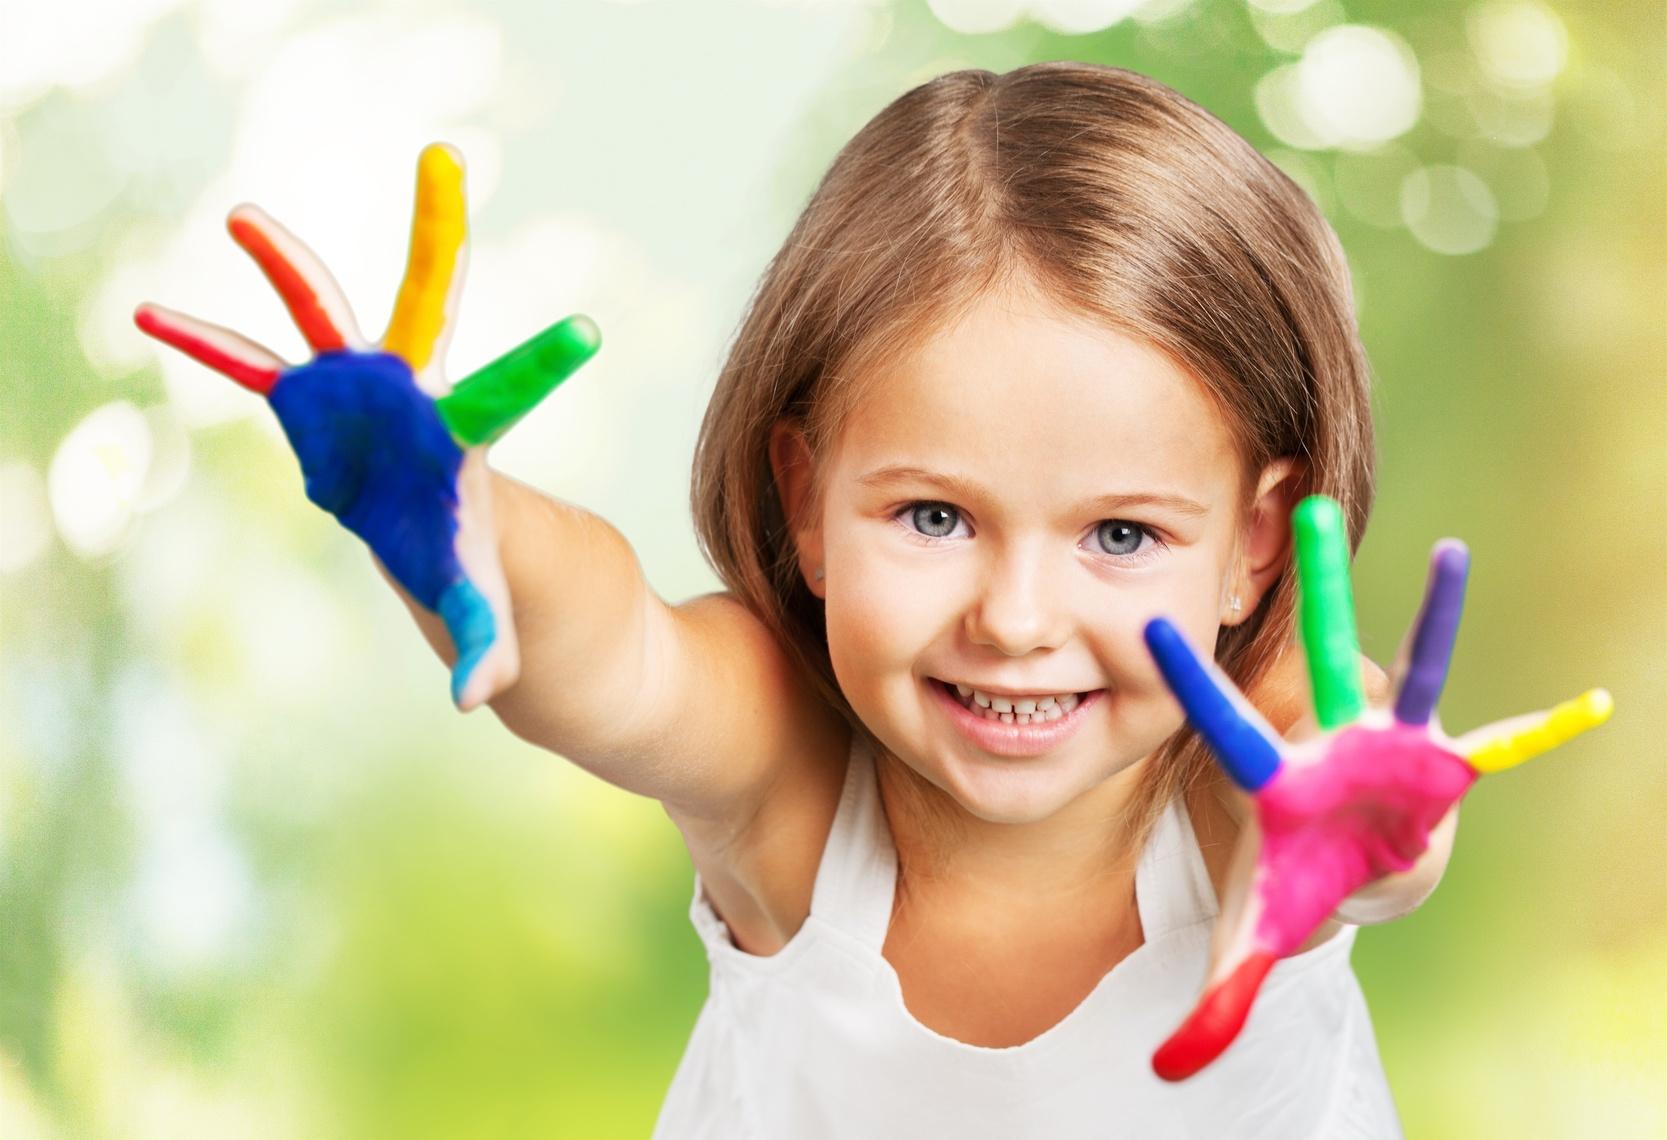 11 Jeux Pour Les Enfants De Moins De 3 Ans | Redcross-Edu pour Jeux De Petit Garçon De 3 Ans